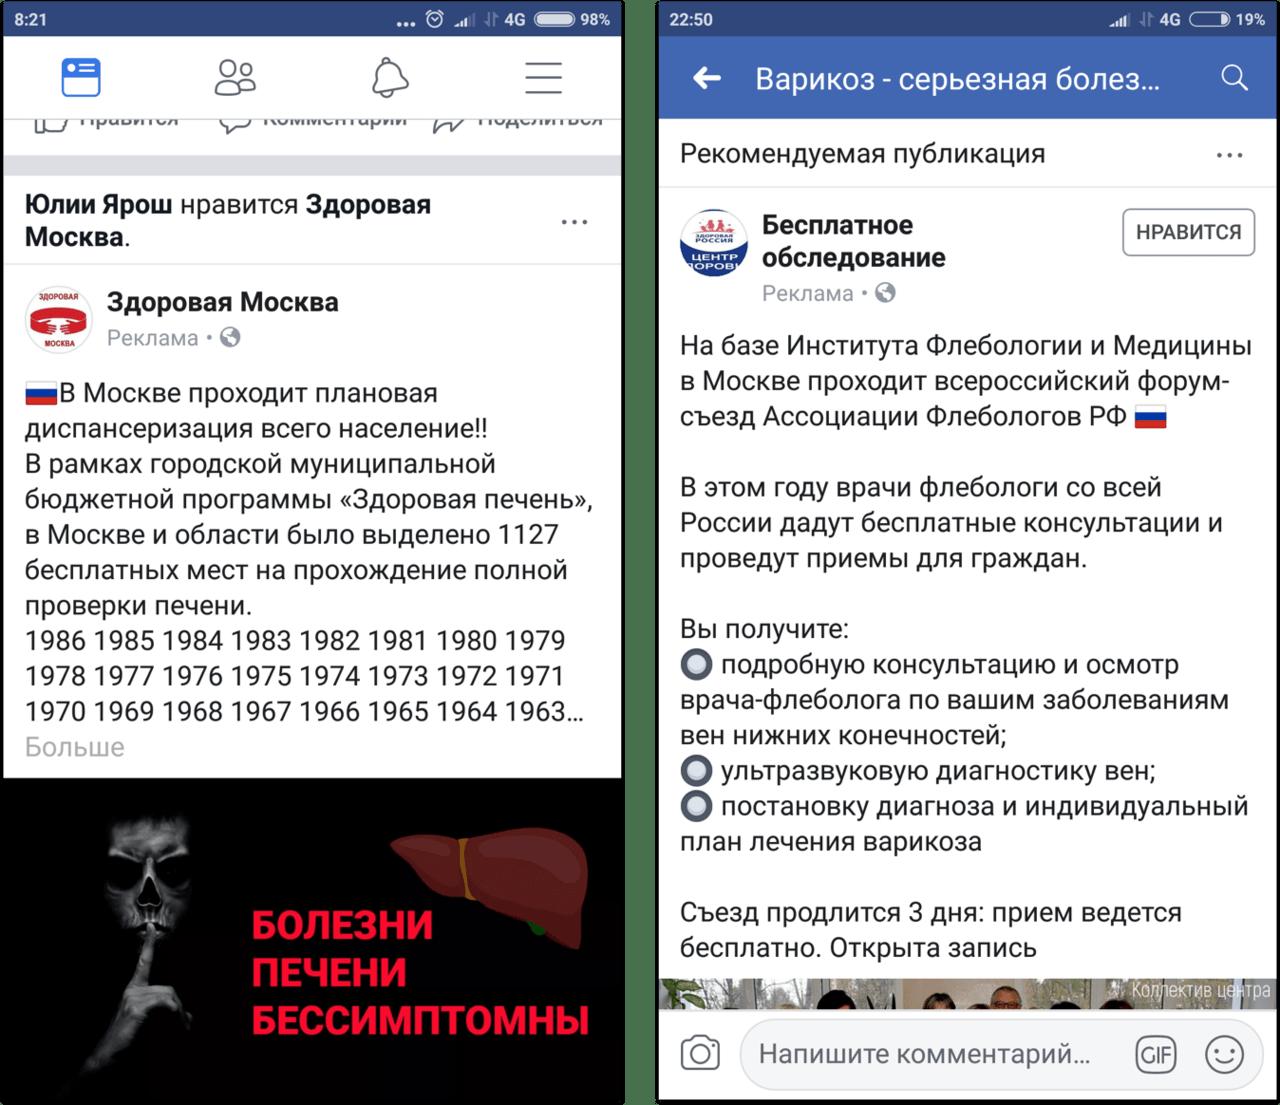 Рекламные объявления медицинских центров в фейсбуке